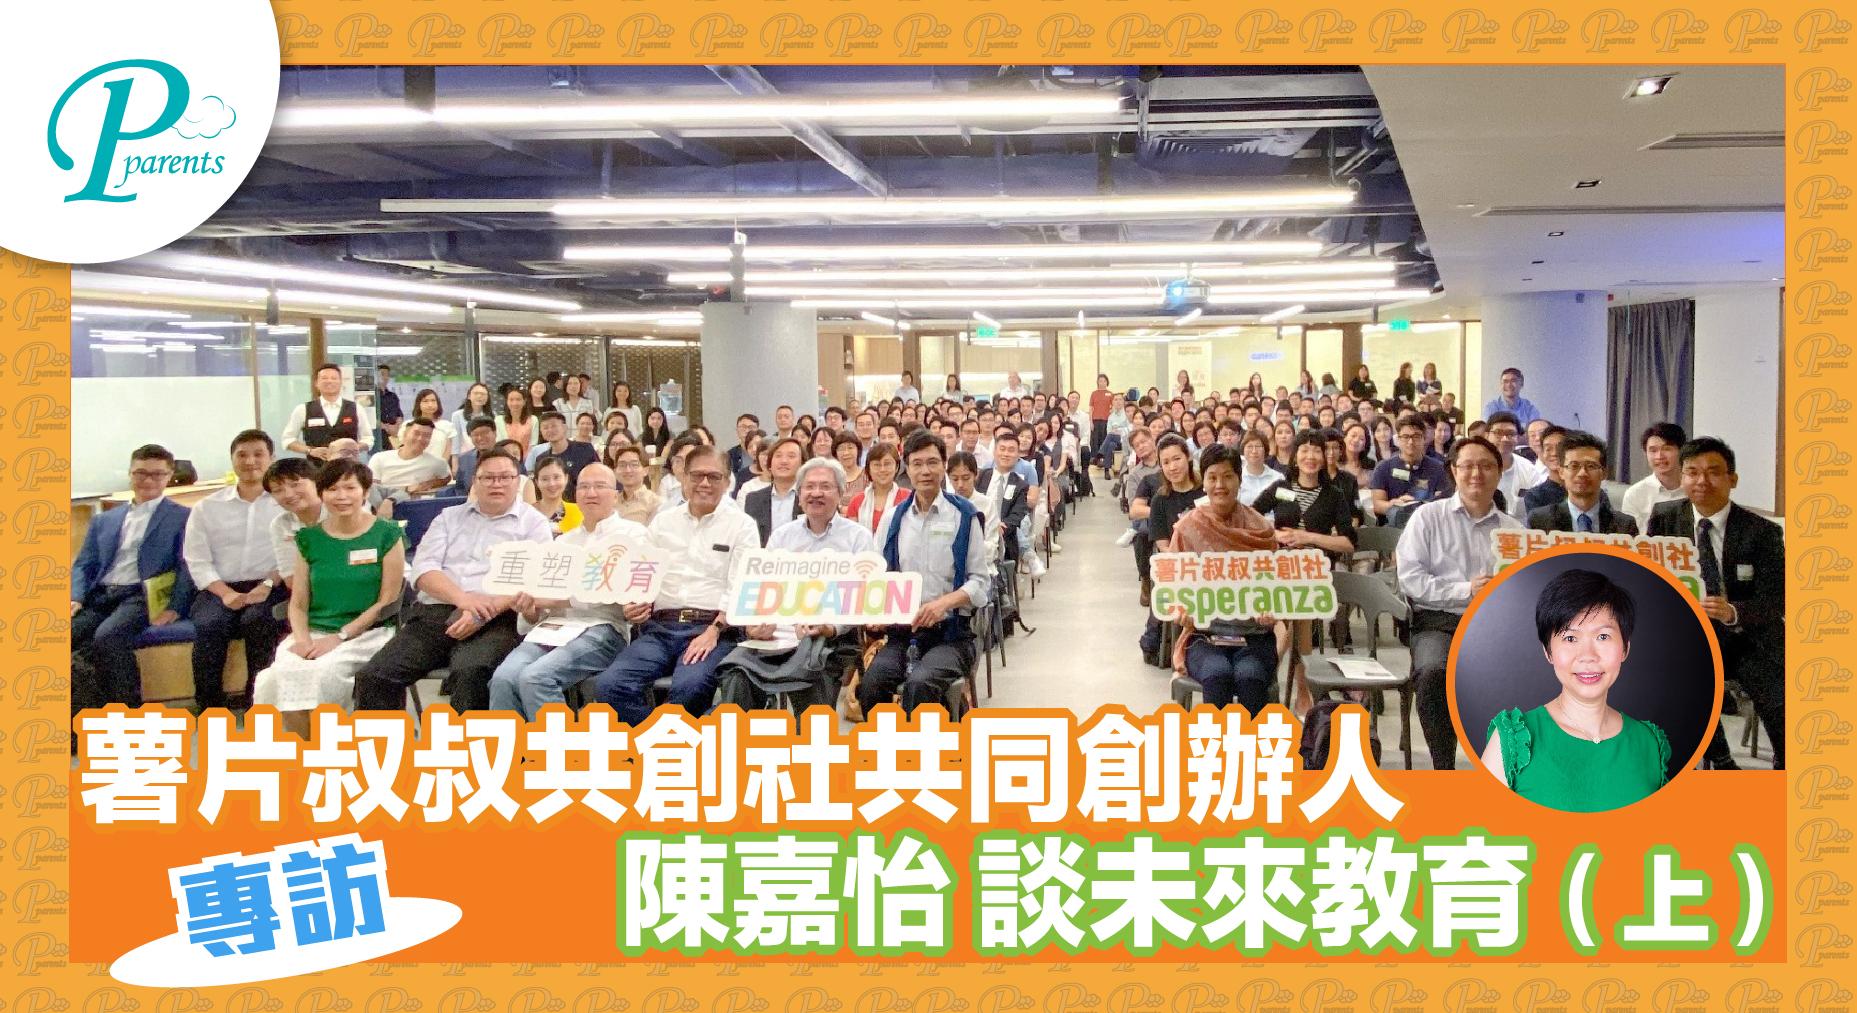 【專訪】薯片叔叔共創社共同創辦人陳嘉怡 談未來教育(上)